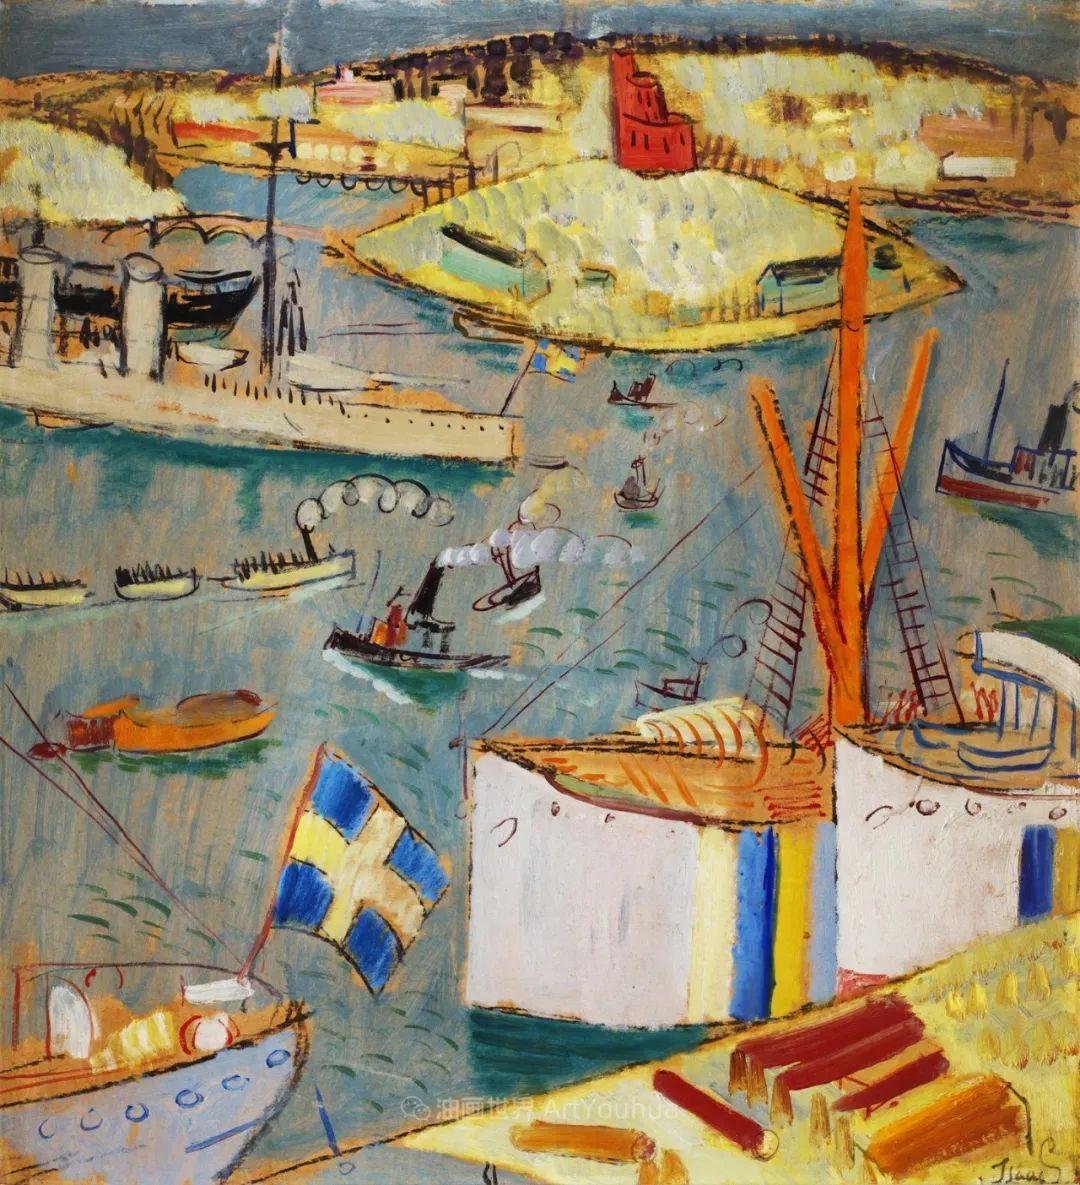 表现主义的色彩与笔触,第一代瑞典现代主义领军人物插图109